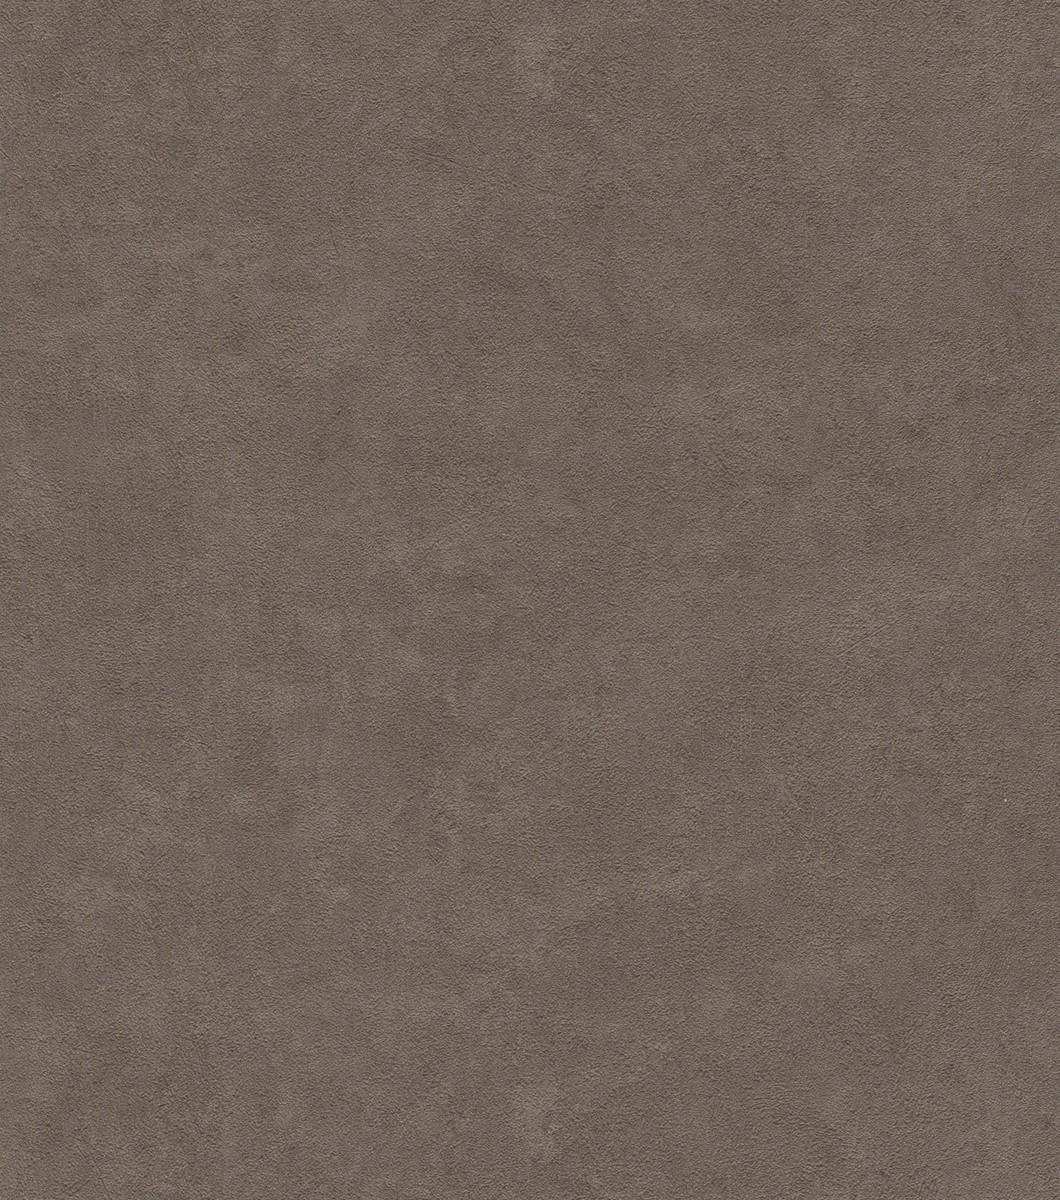 Vliestapete Rasch Struktur Uni dunkel braun 445862